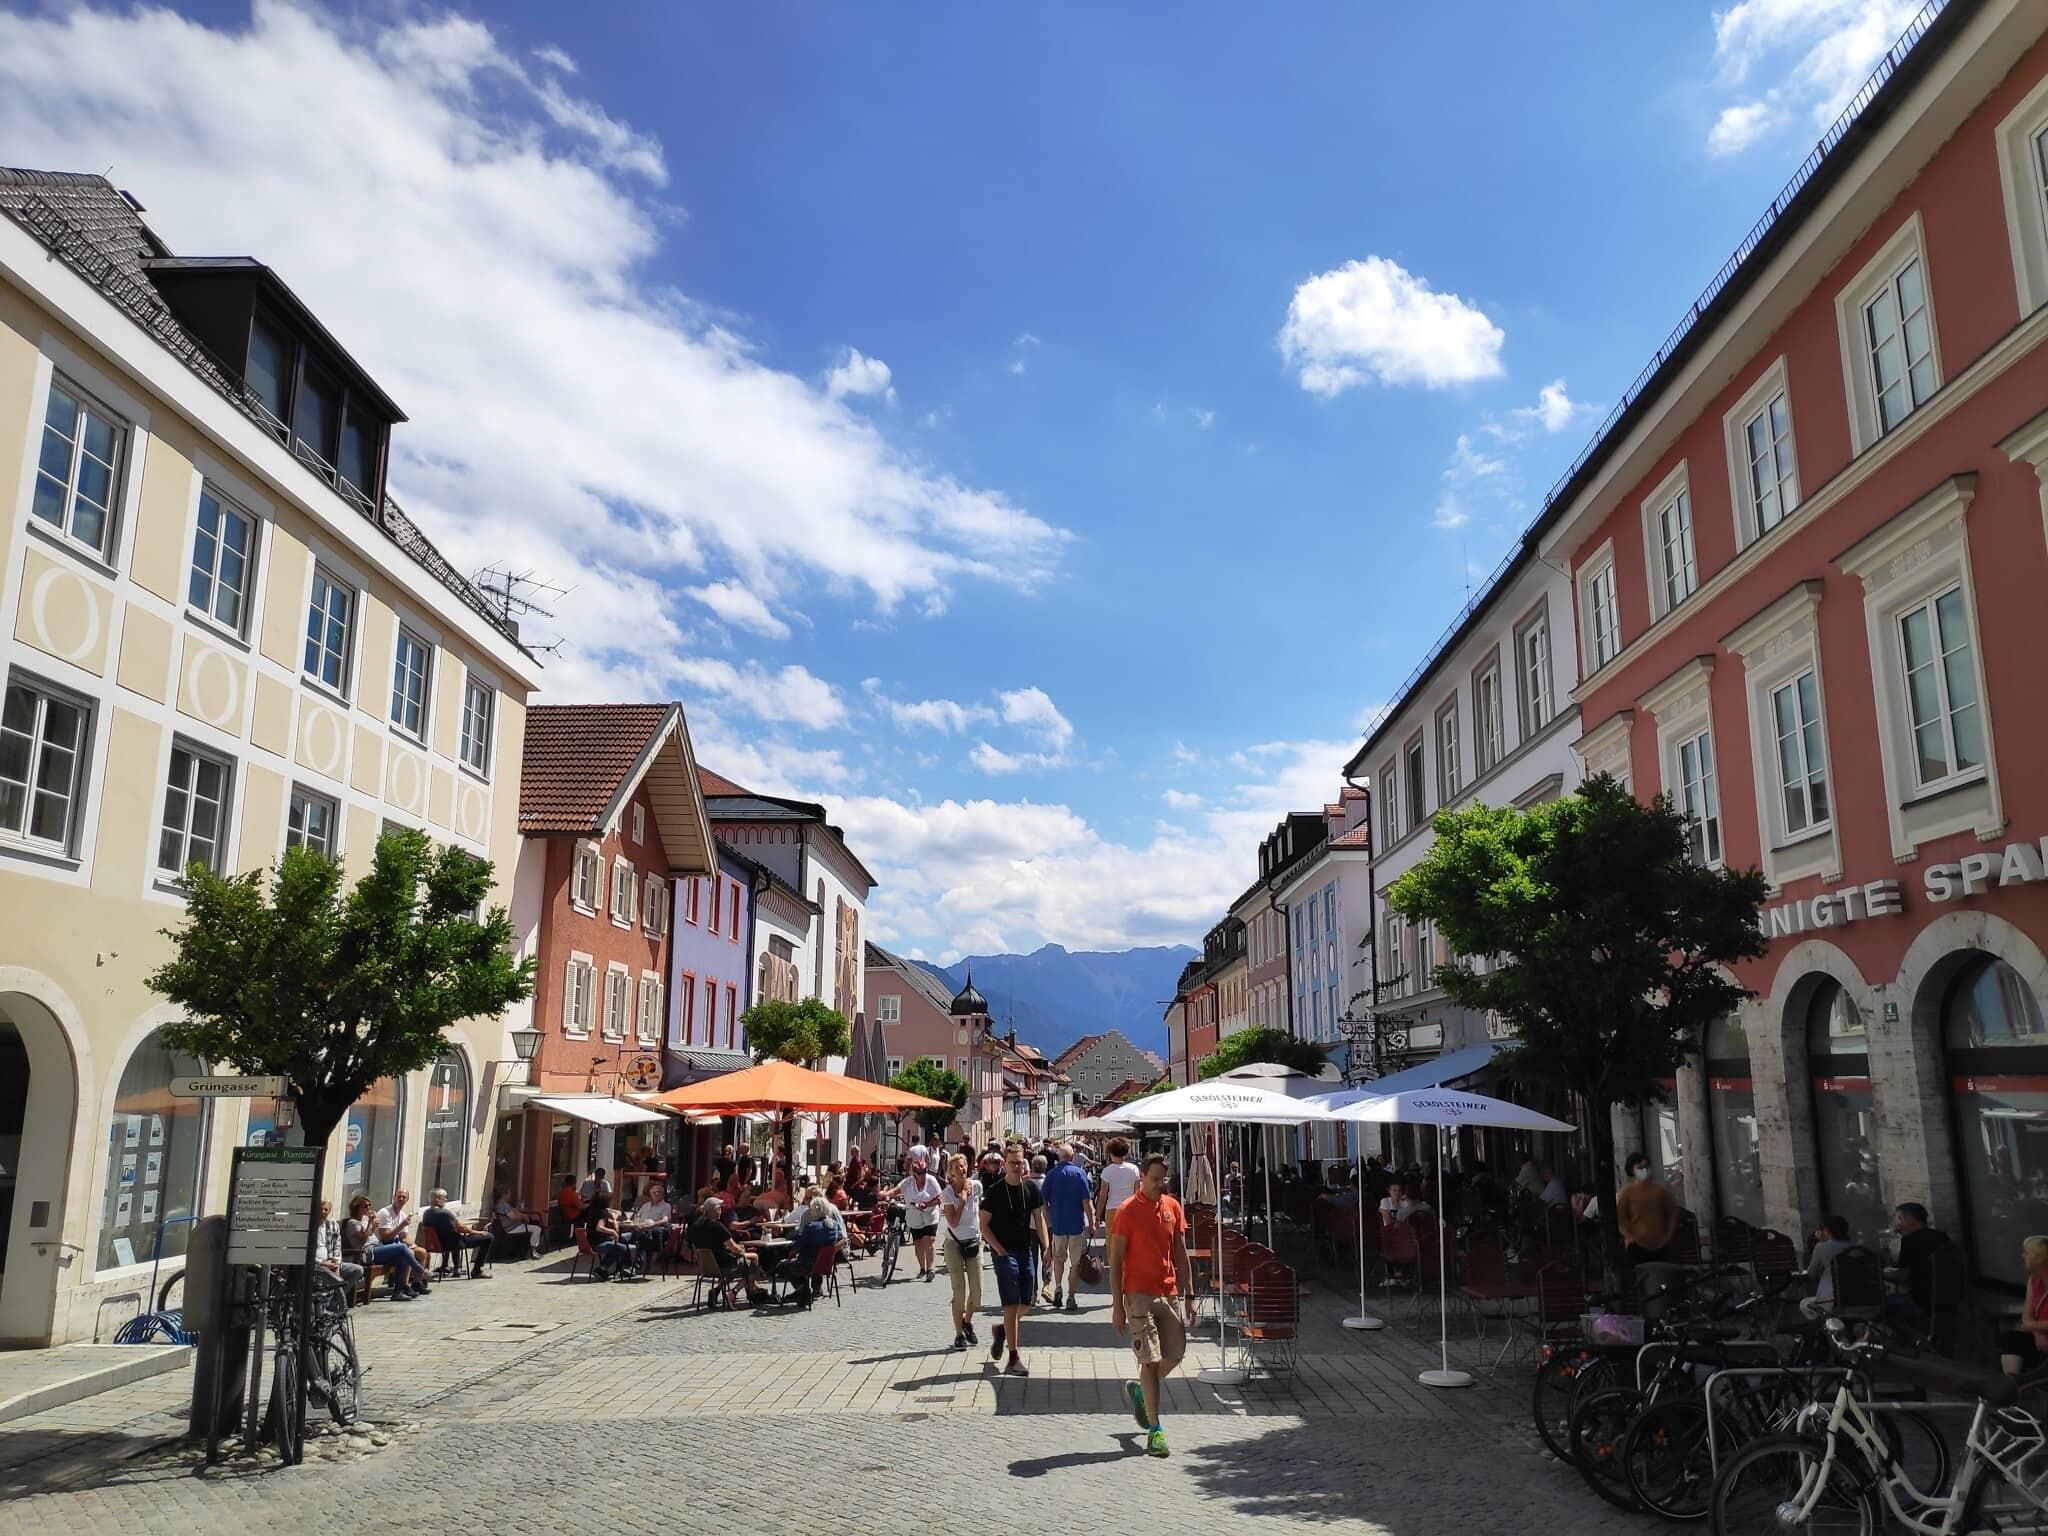 העיירה מורנאו בדרום גרמניה. אין חובה לעטות מסכות במרחב הציבורי. יולי 2020 (צילום: גיא טרייבר)